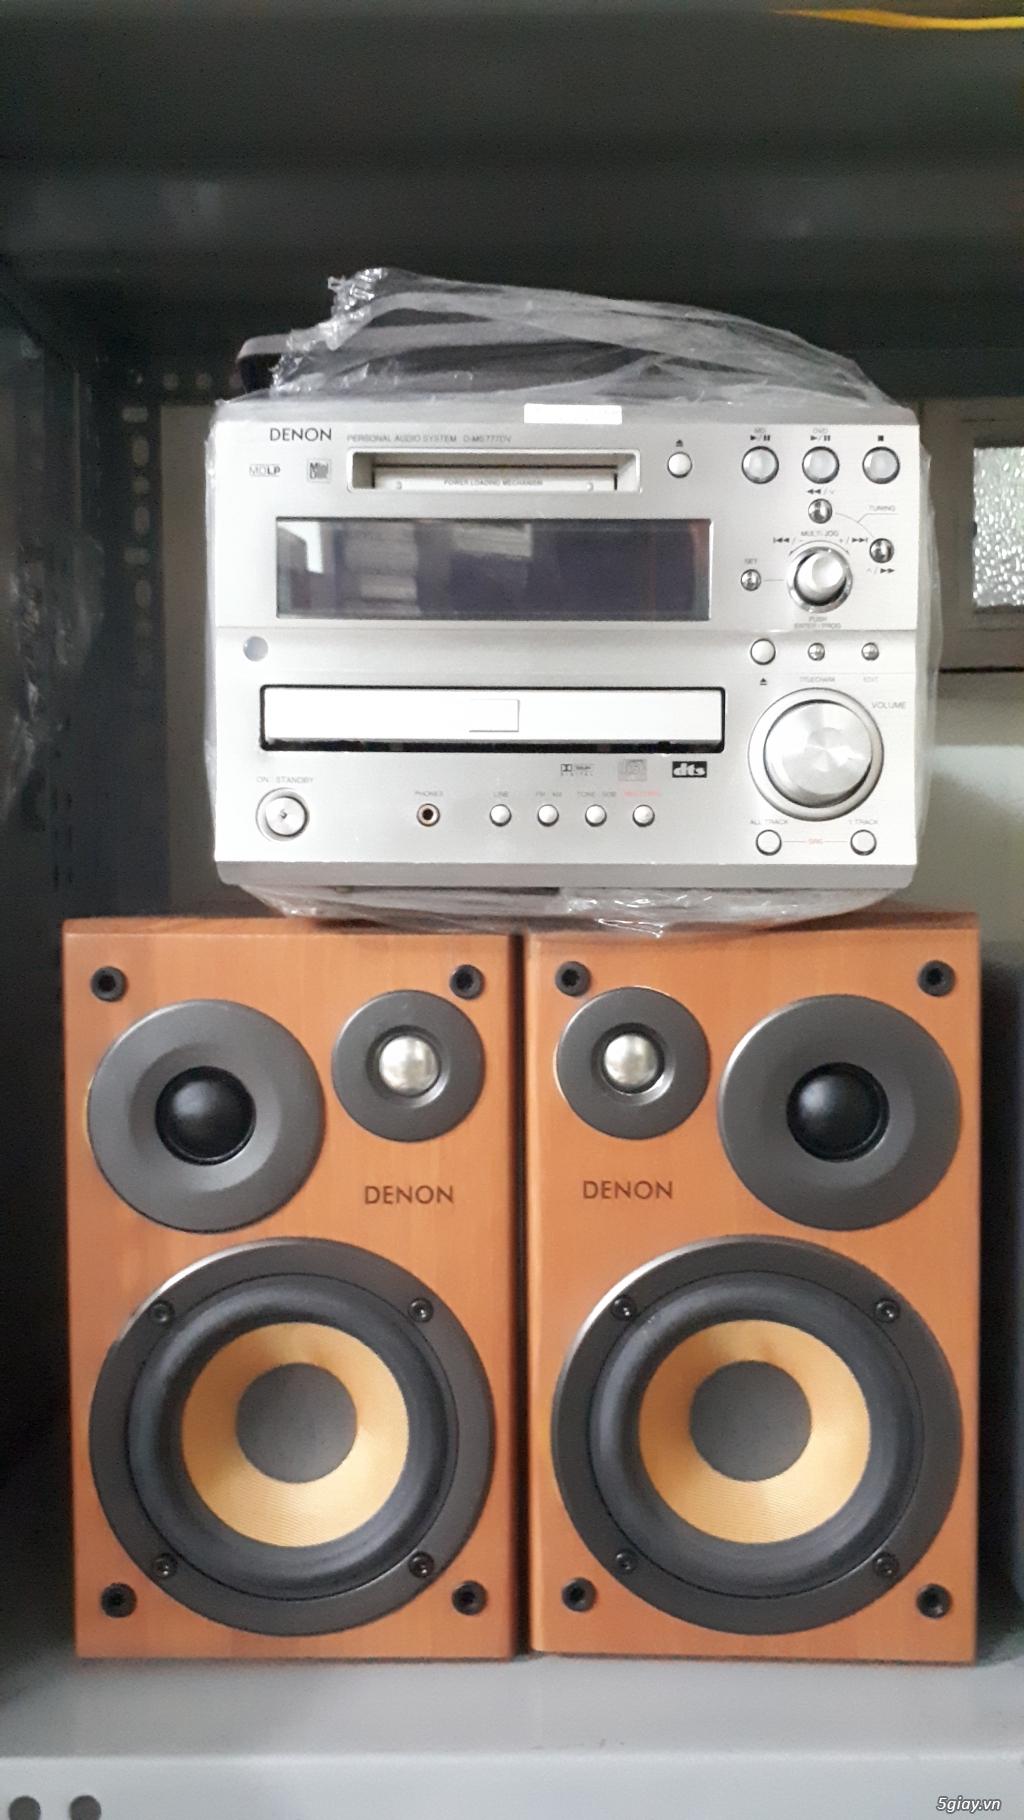 HCM -ĐồngMai Audio Chuyên dàn âm thanh nội địa Nhật hàng bãi - 12